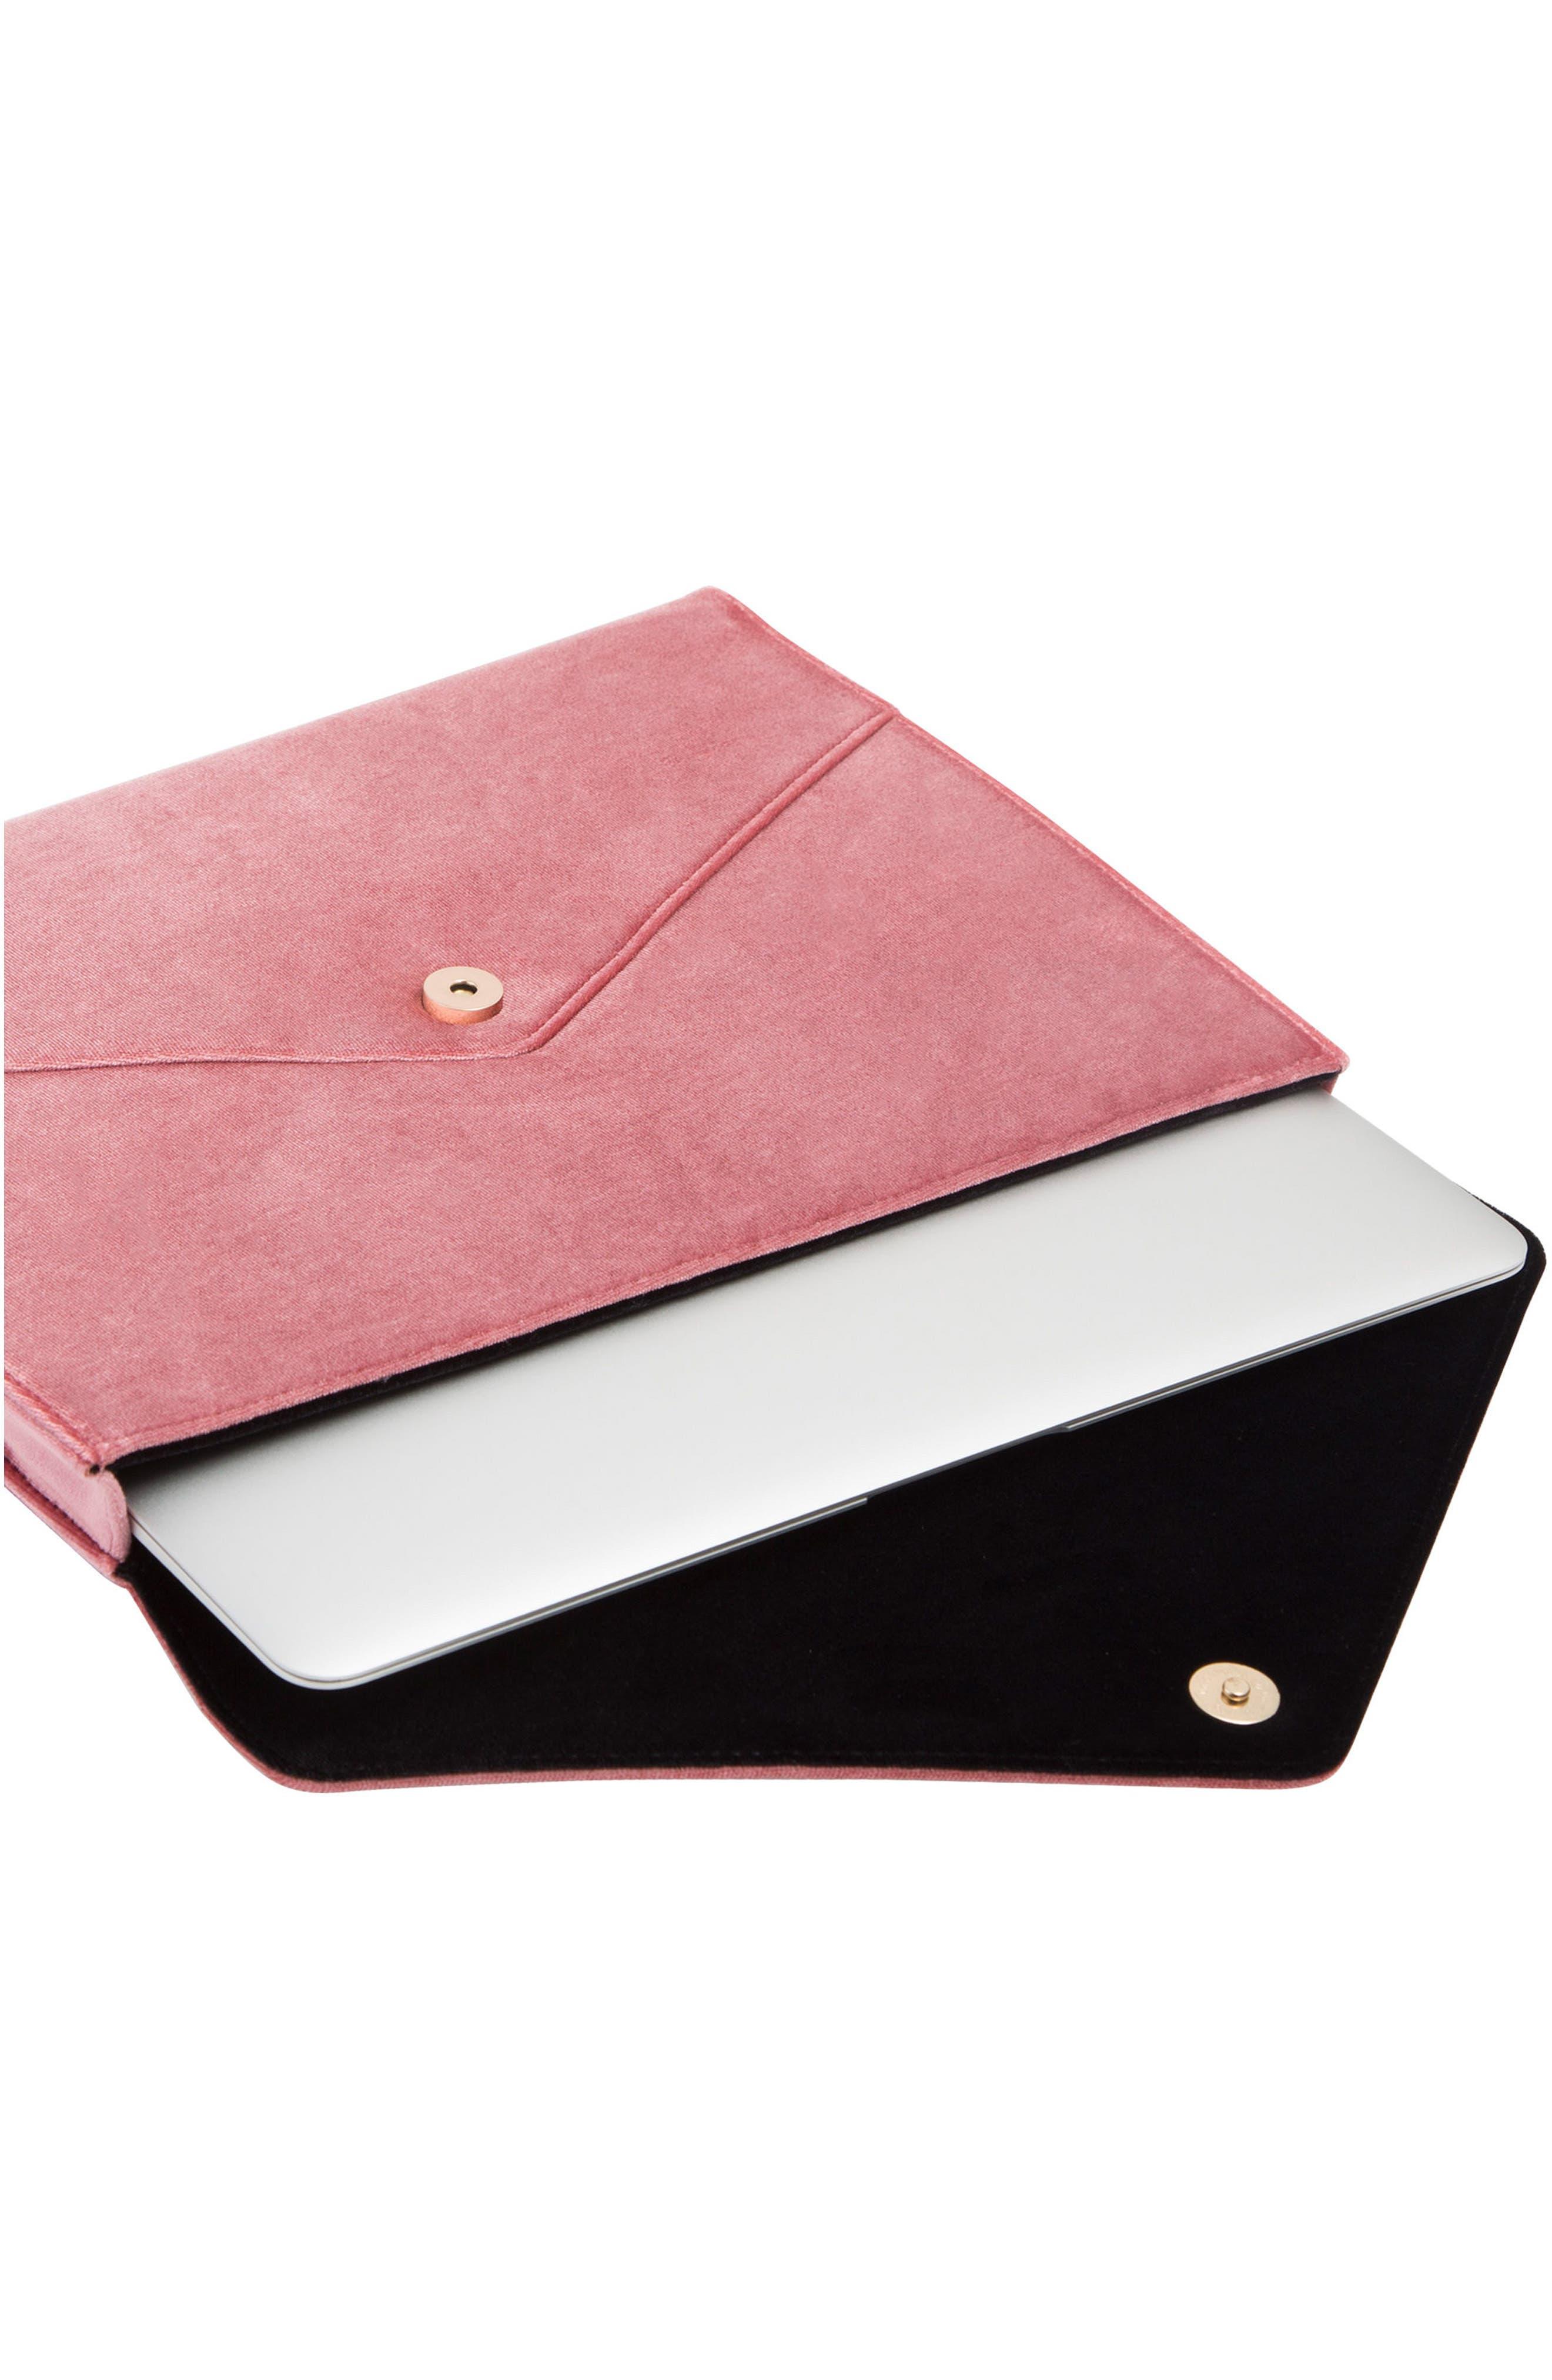 Rose Velvet Laptop Clutch,                             Alternate thumbnail 3, color,                             650